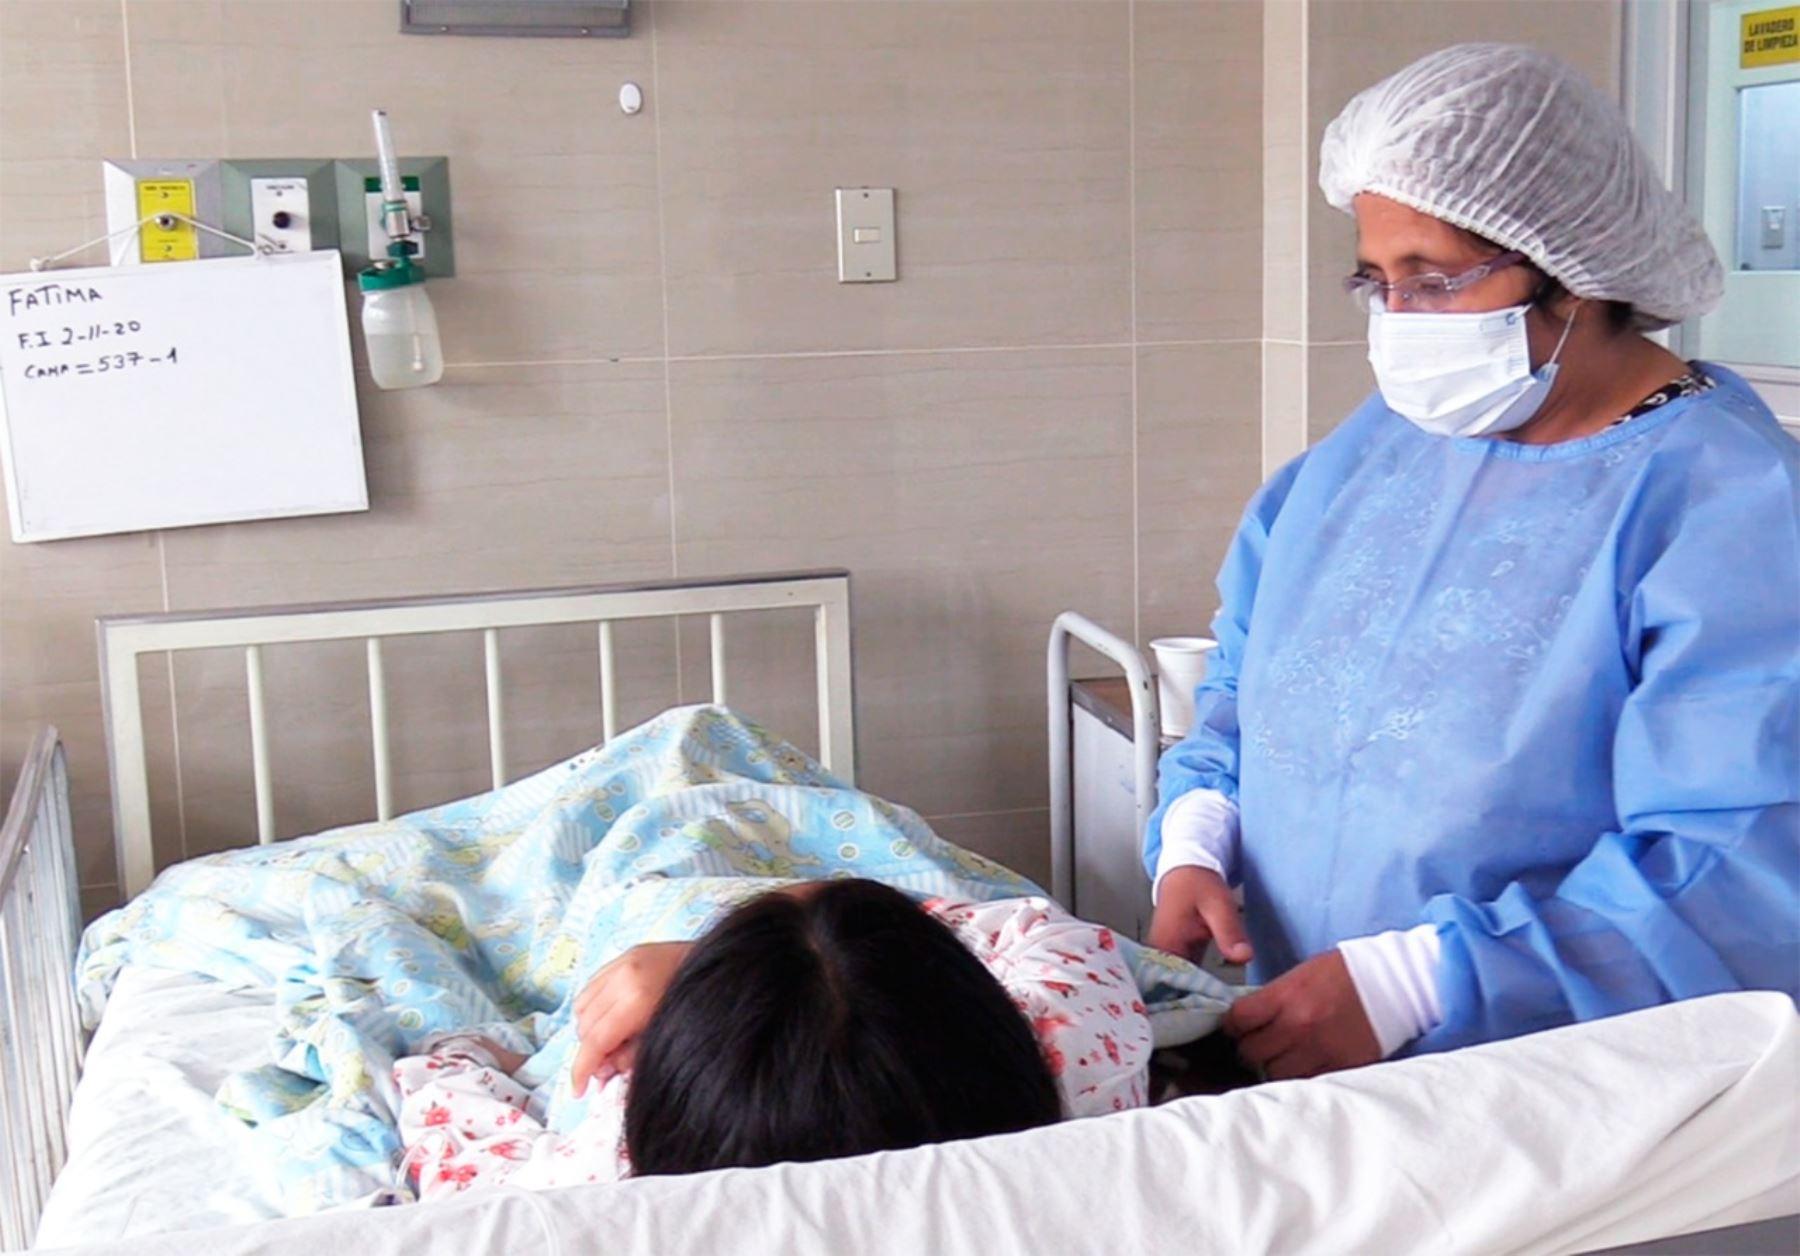 Realizan cirugías laparoscópicas en INSN. Foto: INSN.